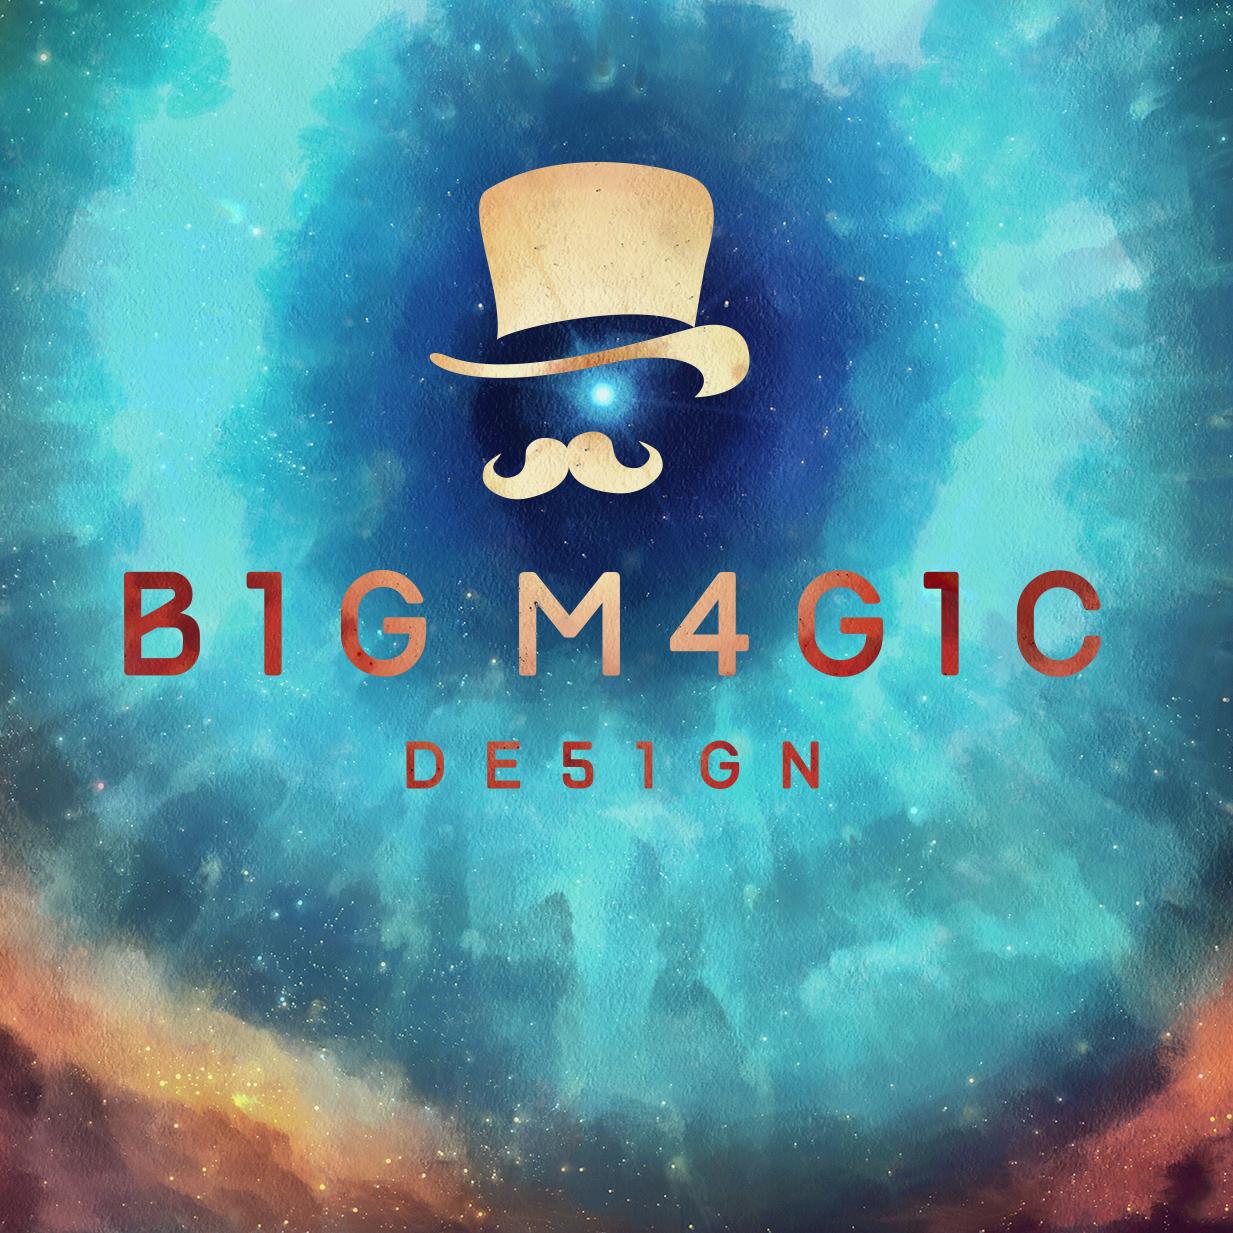 BigMagicAquaSpaceSquare